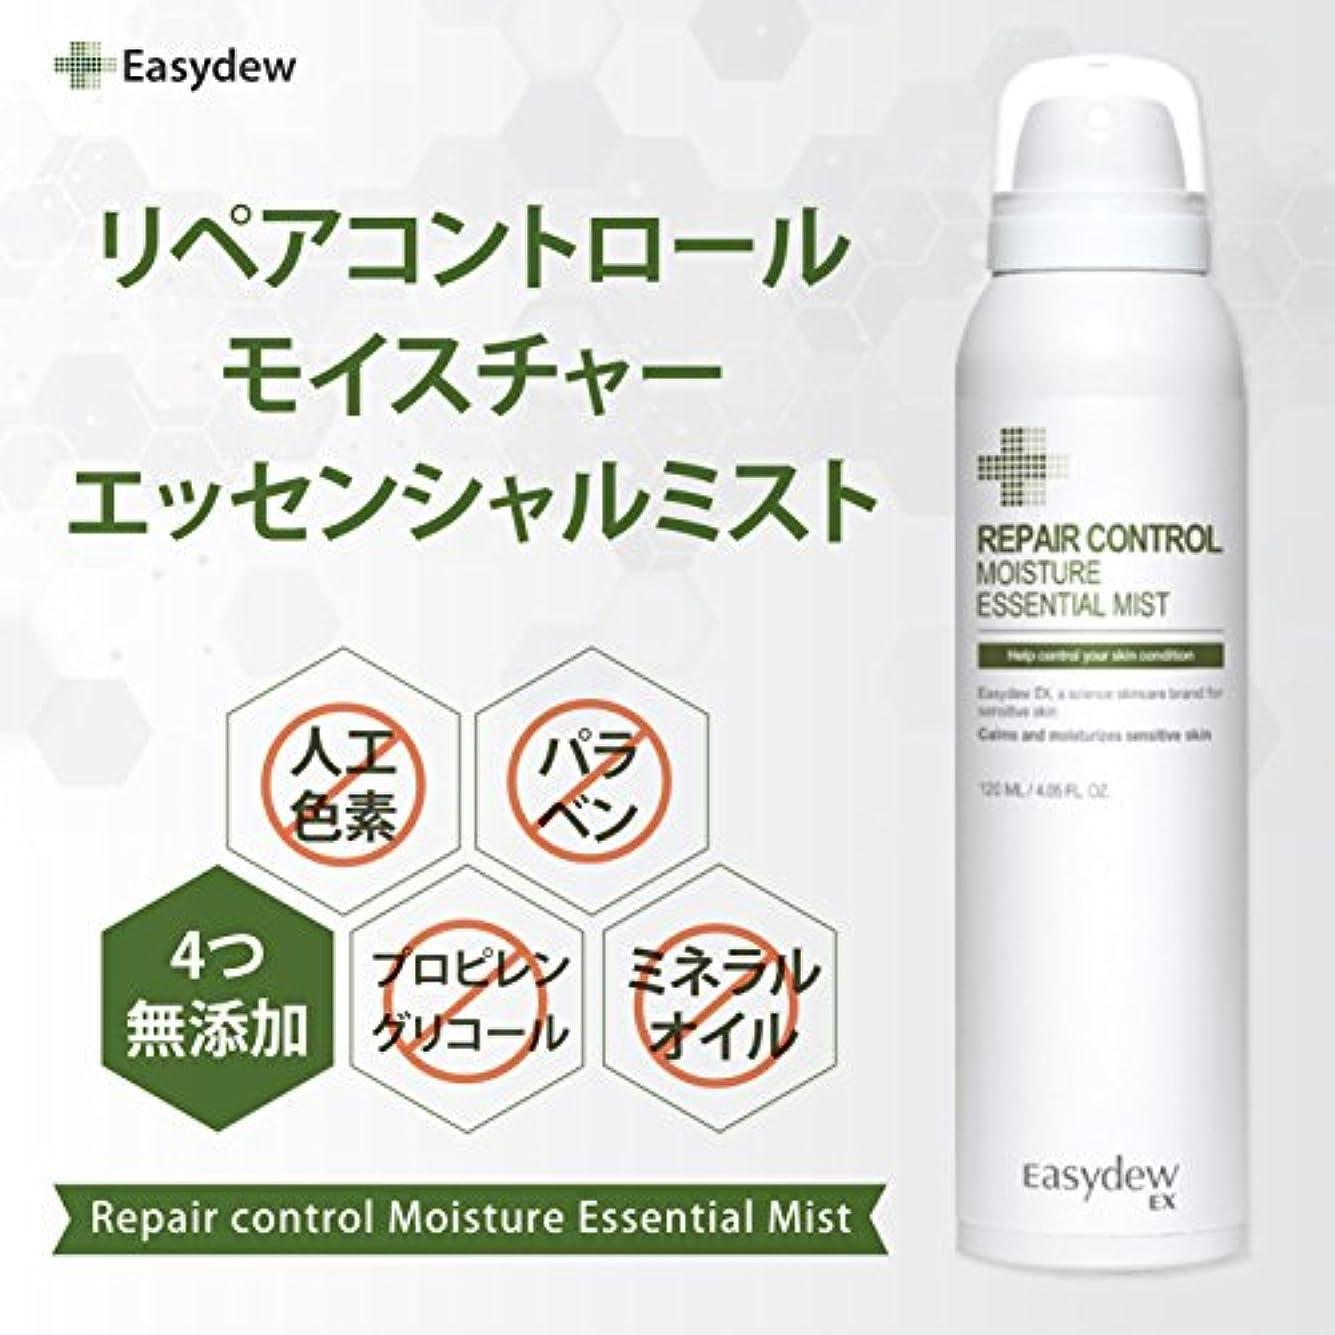 小数解明するためにEASYDEW EX リペア コントロール モイスチャー エッセンシャル ミスト Repair Control Moisture Essential Mist 120ml